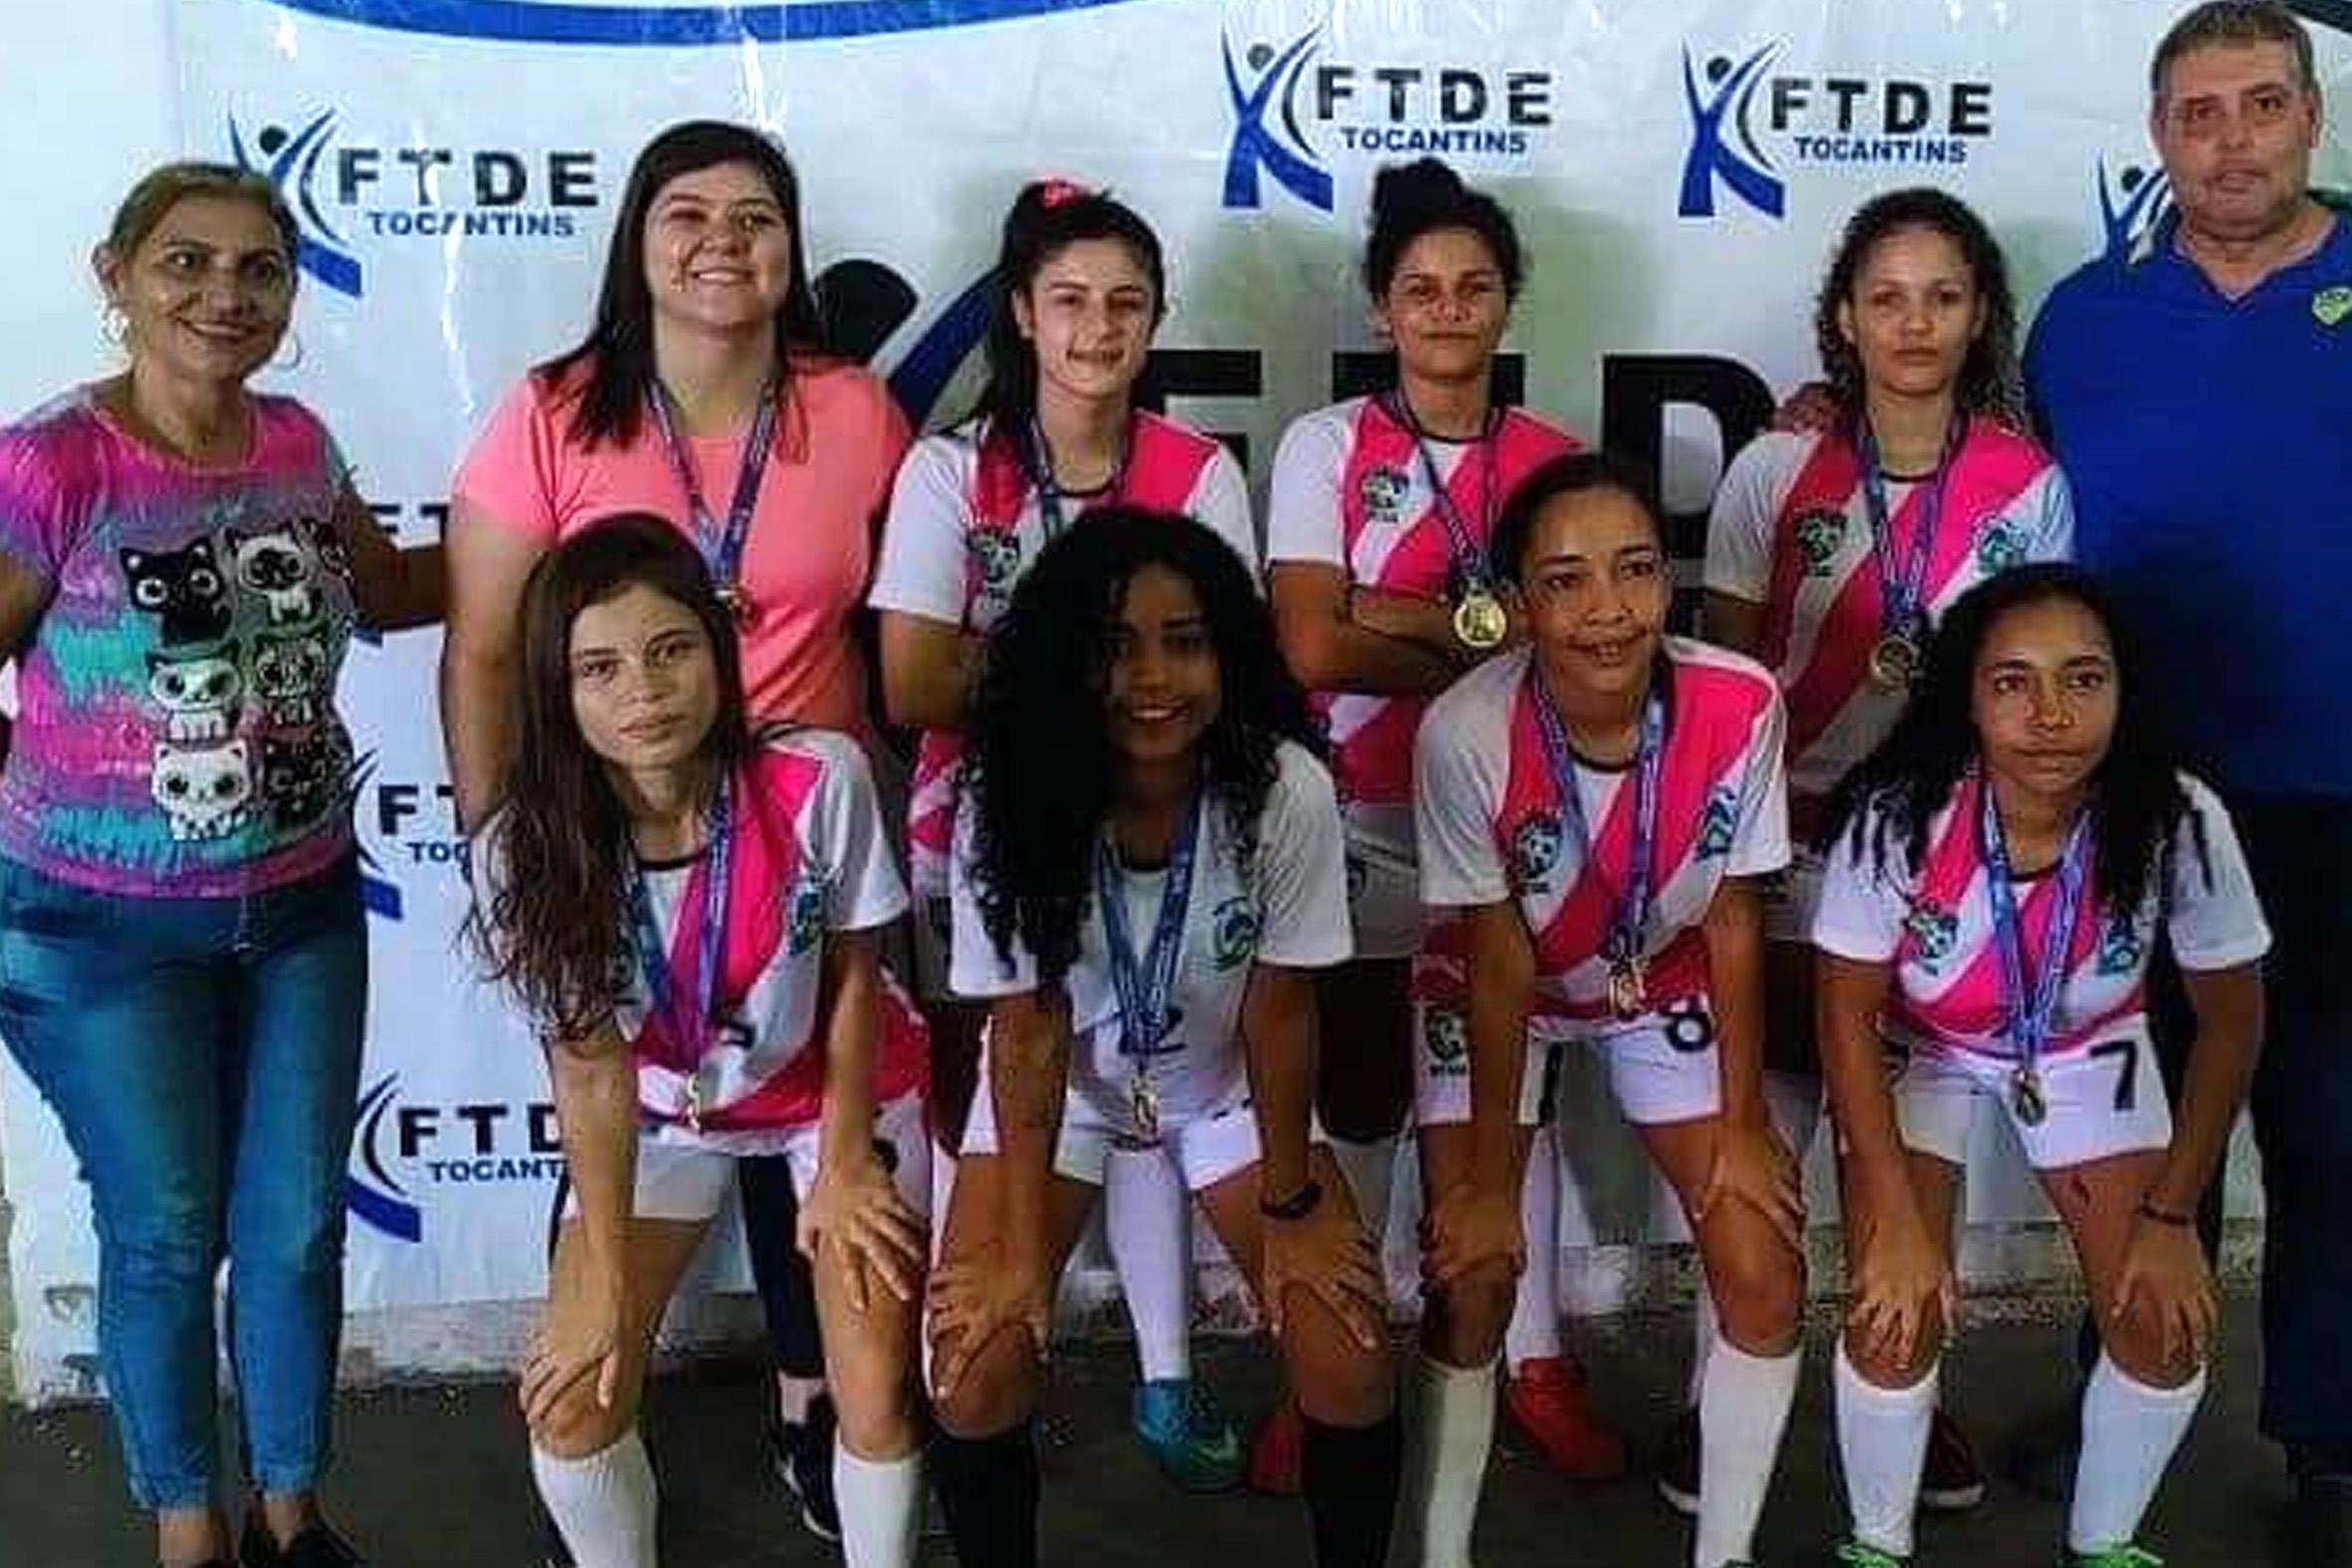 Guaraí conquista Escolar de Futsal Feminino e vai representar o Tocantins em torneio nacional